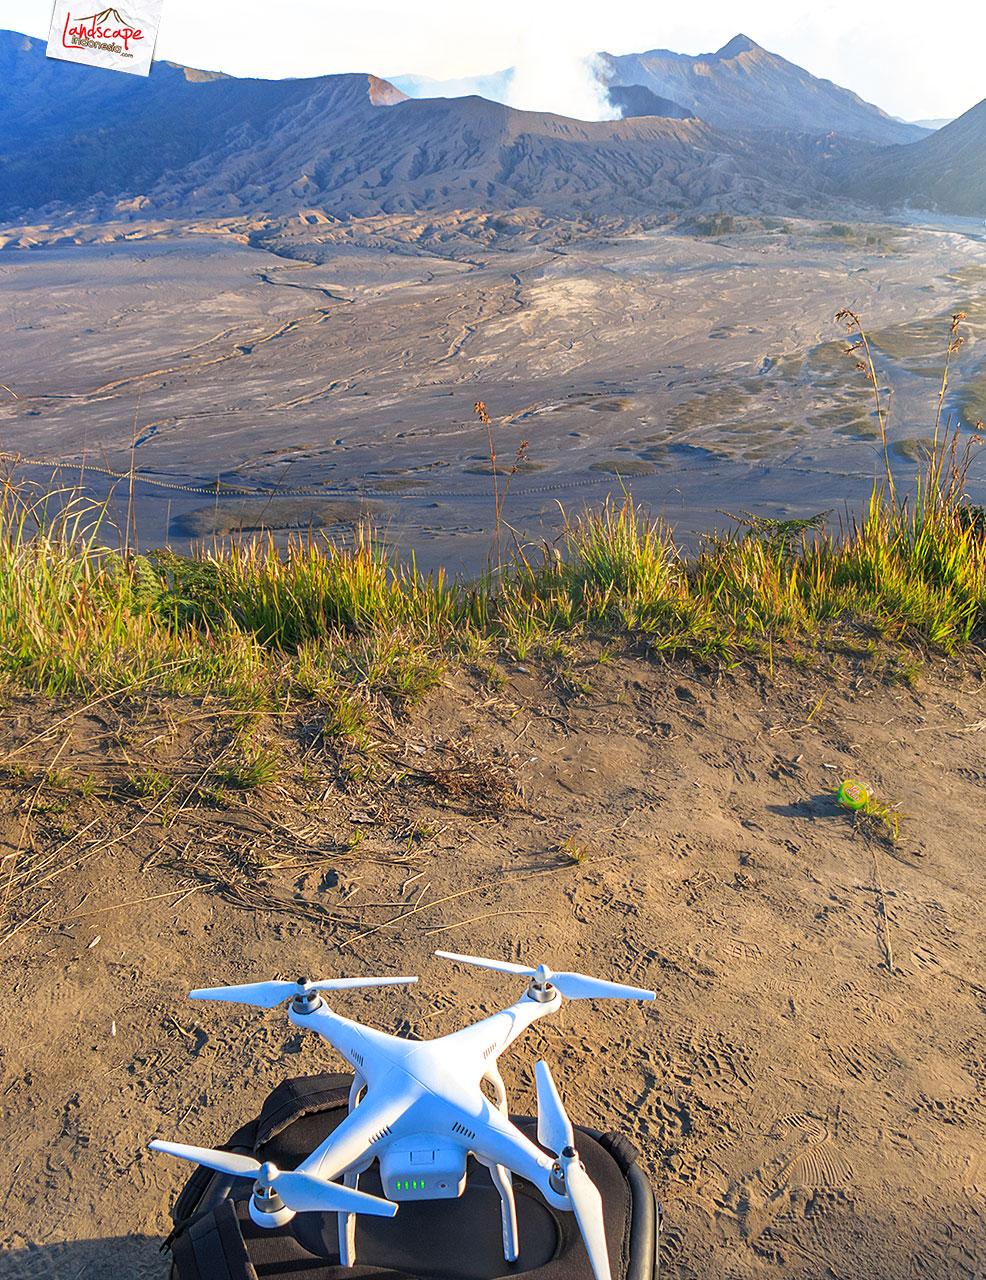 drone bromo - Pembelajaran Drone di Bromo : Low Voltage Warning